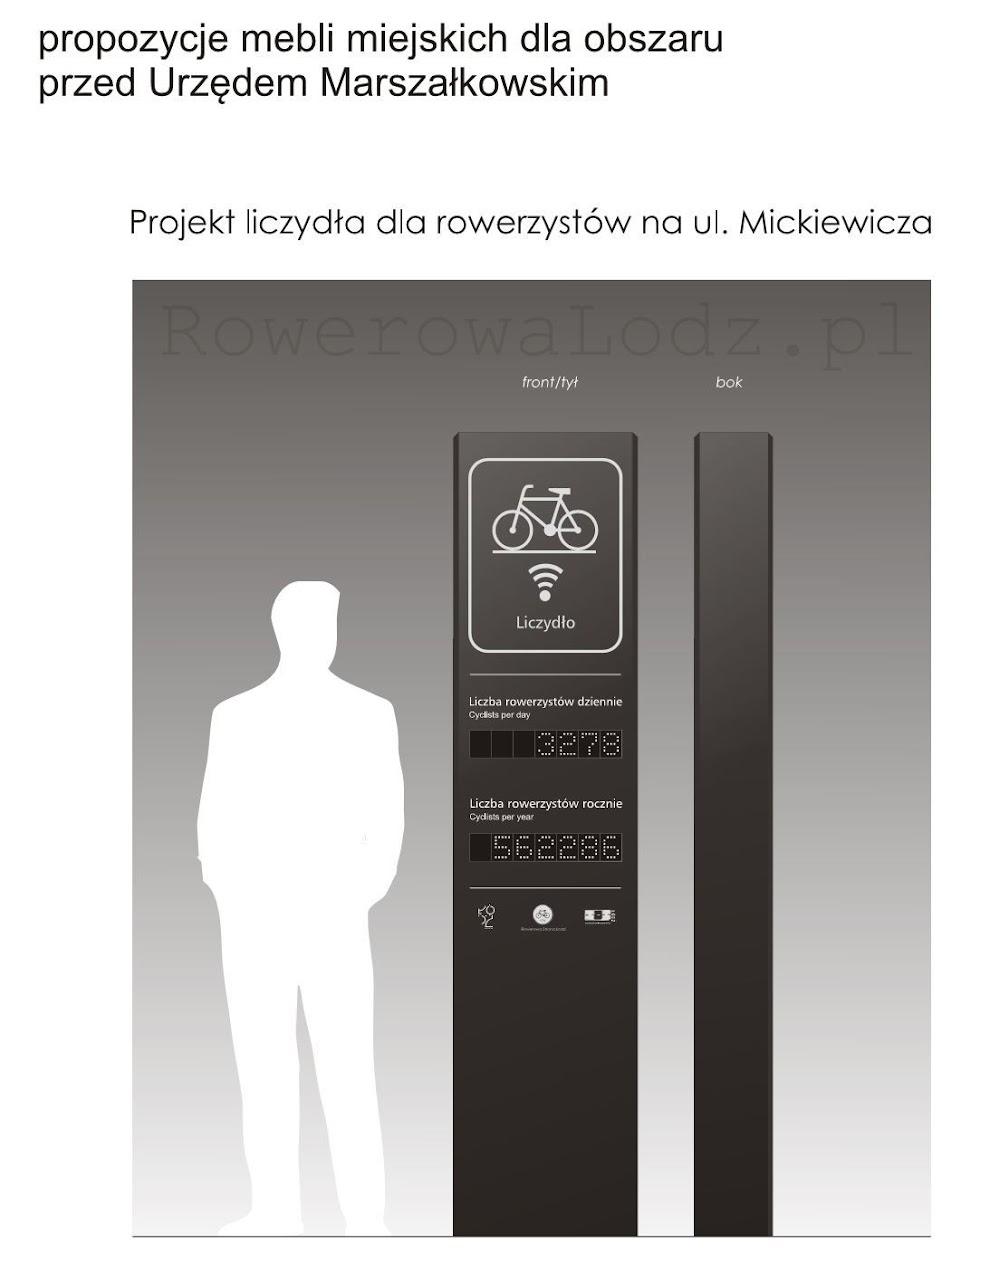 Nieco bliżej Piotrkowskiej ma powstać urządzenie do zliczania rowerzystów. Niech Was nie zmyli opis, nadal to al. Piłsudskiego